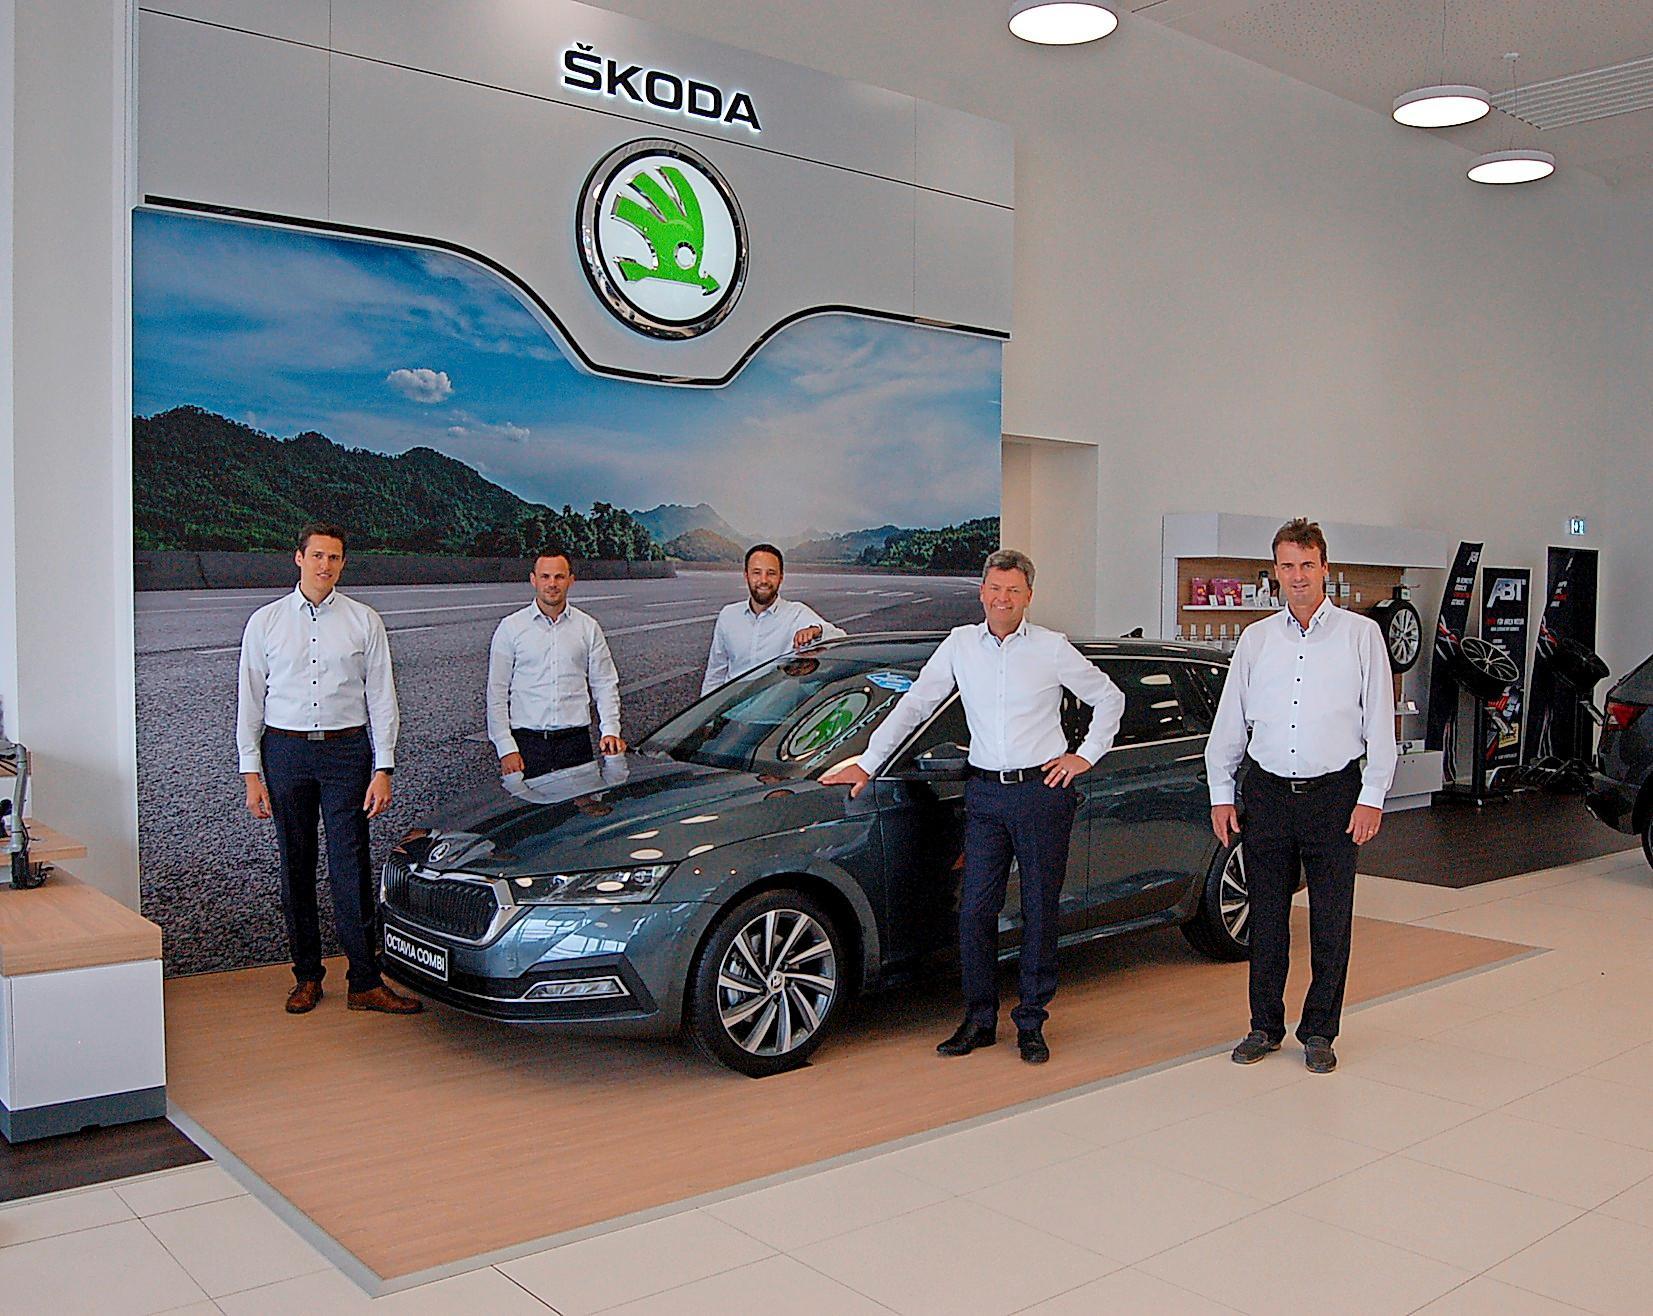 Darüber freut sich das Team mit (von links) Pascal Schmolck, Dirk Winkler, Michael Gleichauf, Stefan Klopfer und Bernhard Schmolck mit dem brandneuen Škoda Octavia in der Mitte.